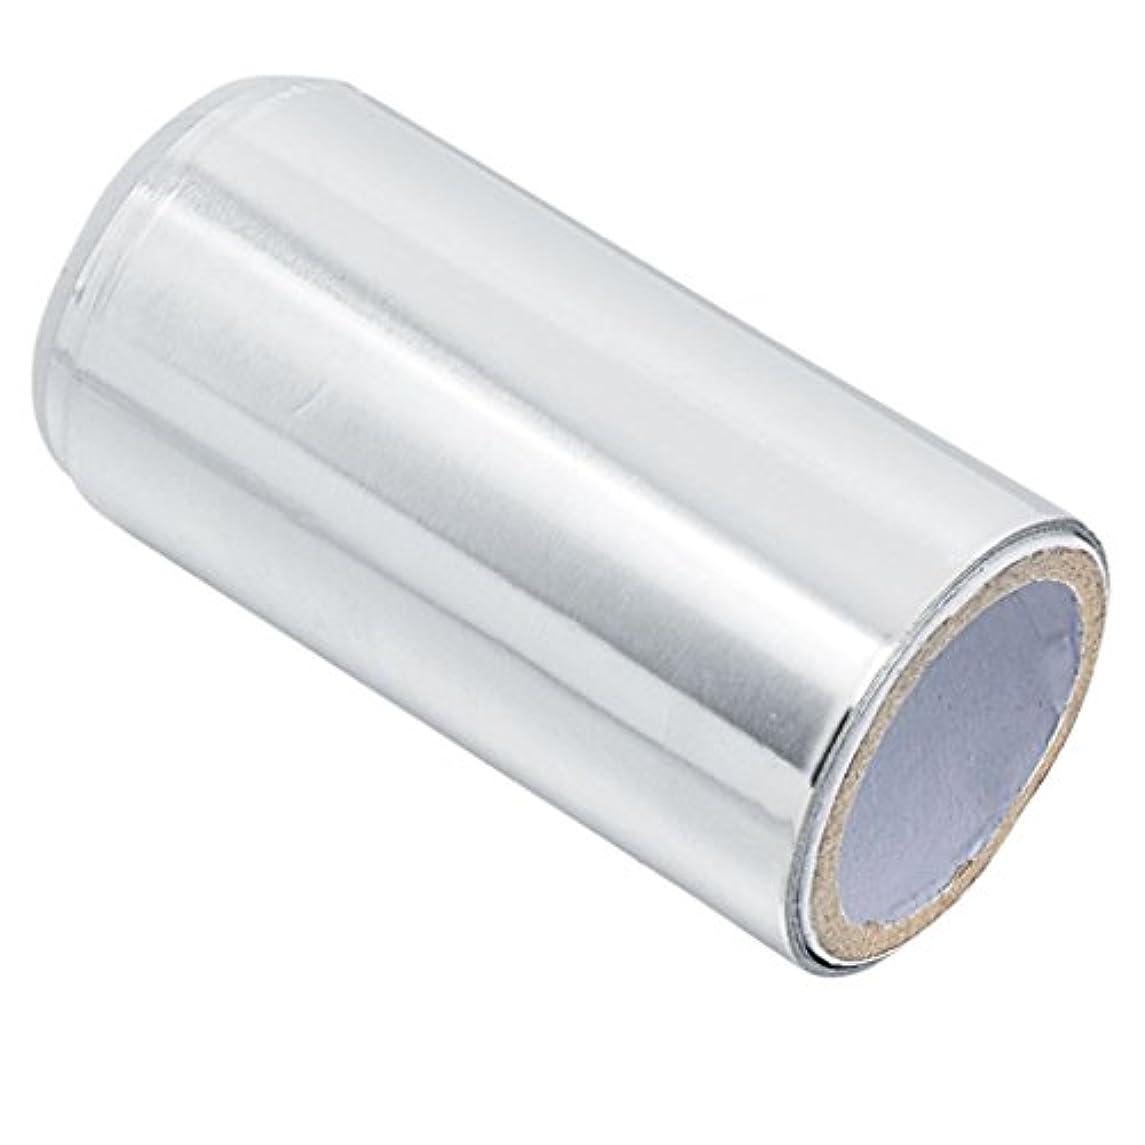 ナット奨励不注意アルミニウム ヘア/ネイル用 錫箔紙 ネイルアート 爪化粧用具 クリーナーツール ジェル除却 5m